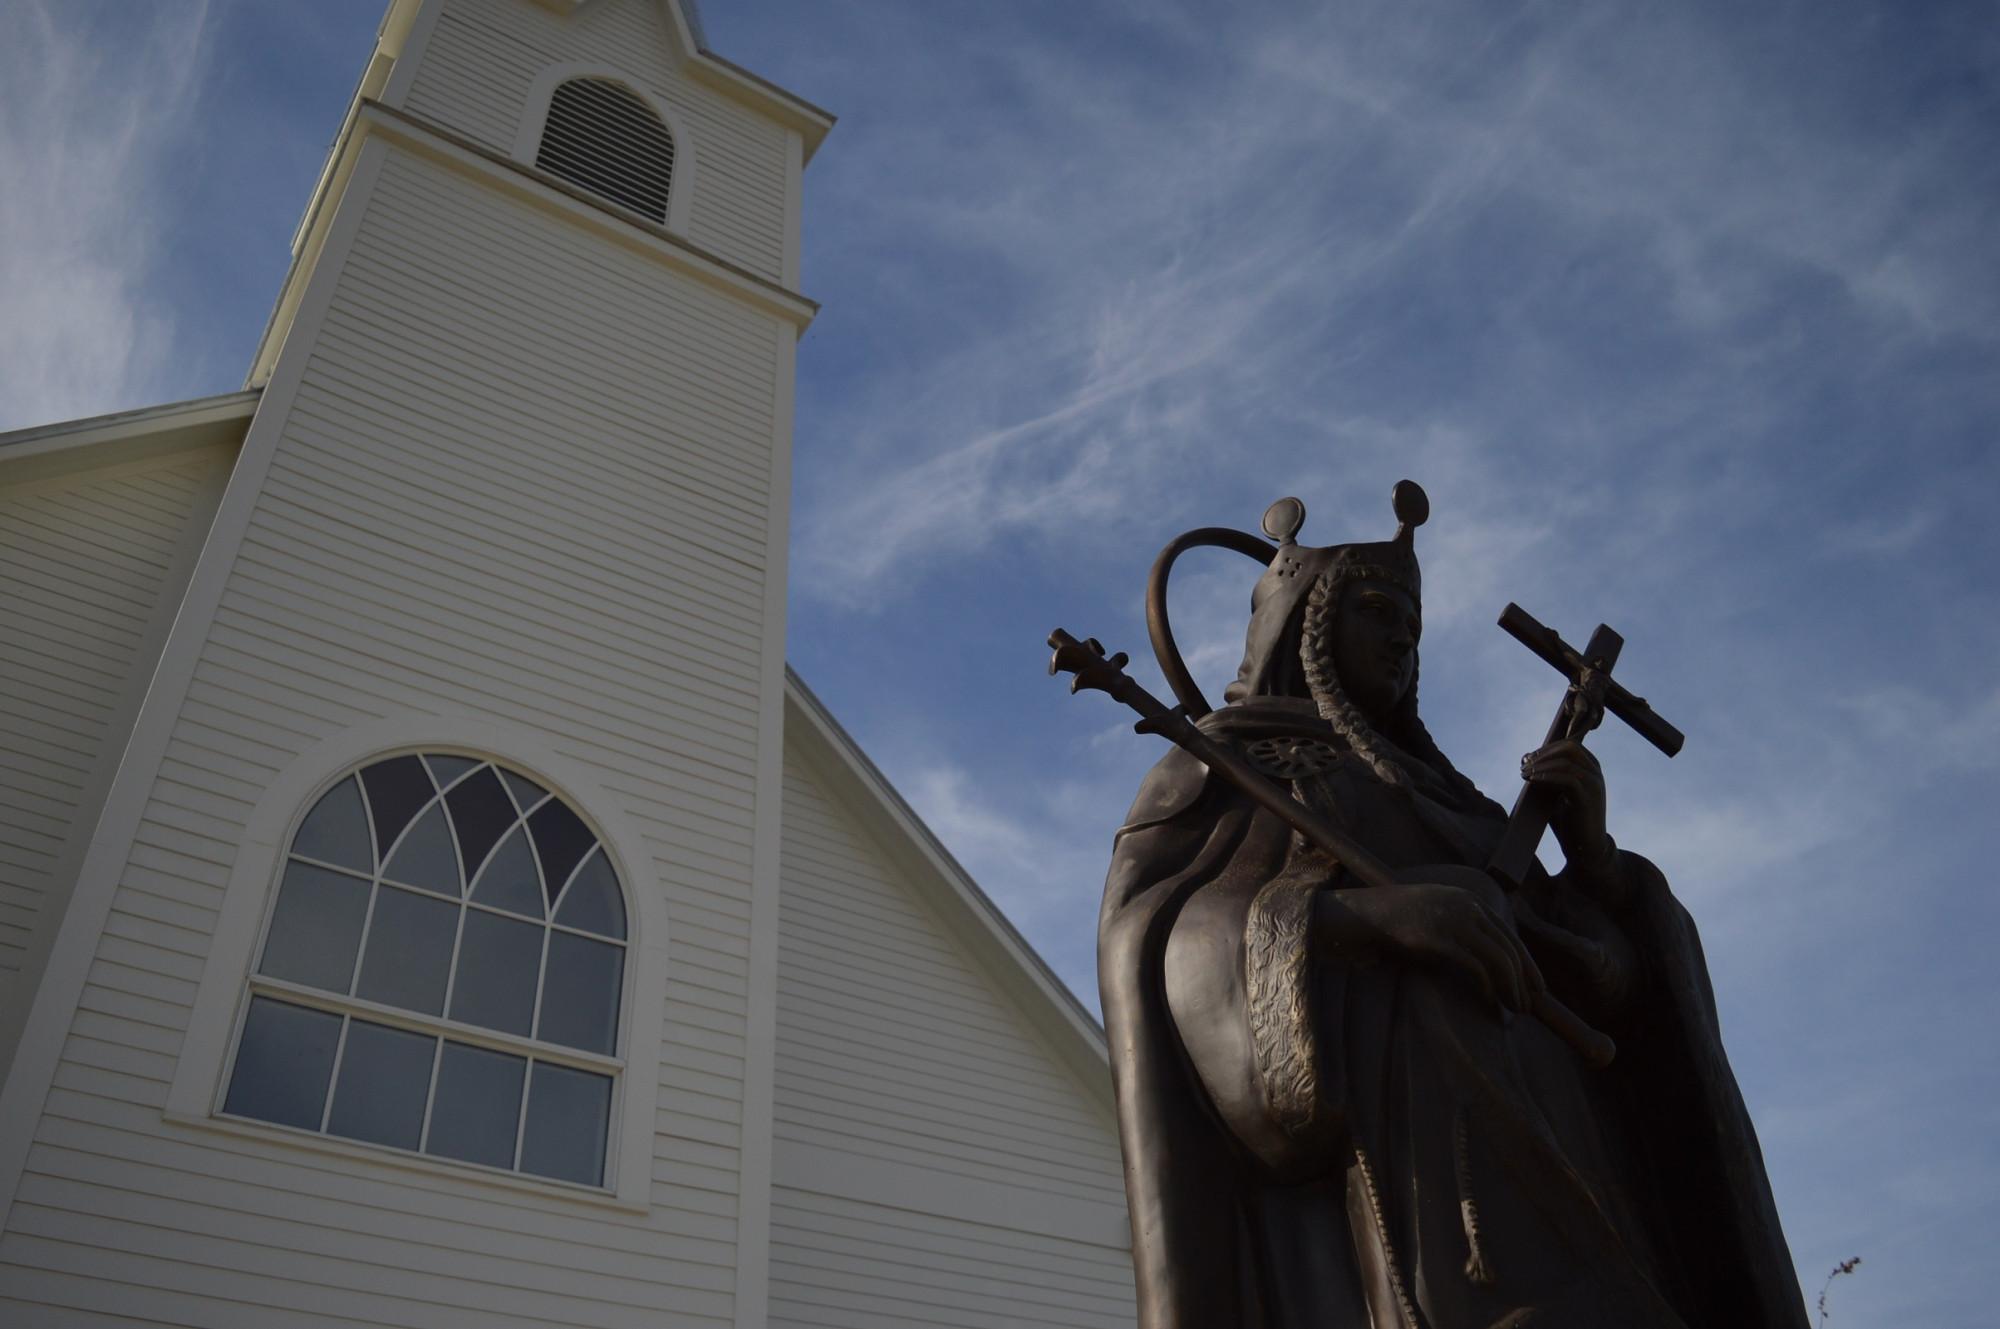 A Szent Margit Katolikus Templom